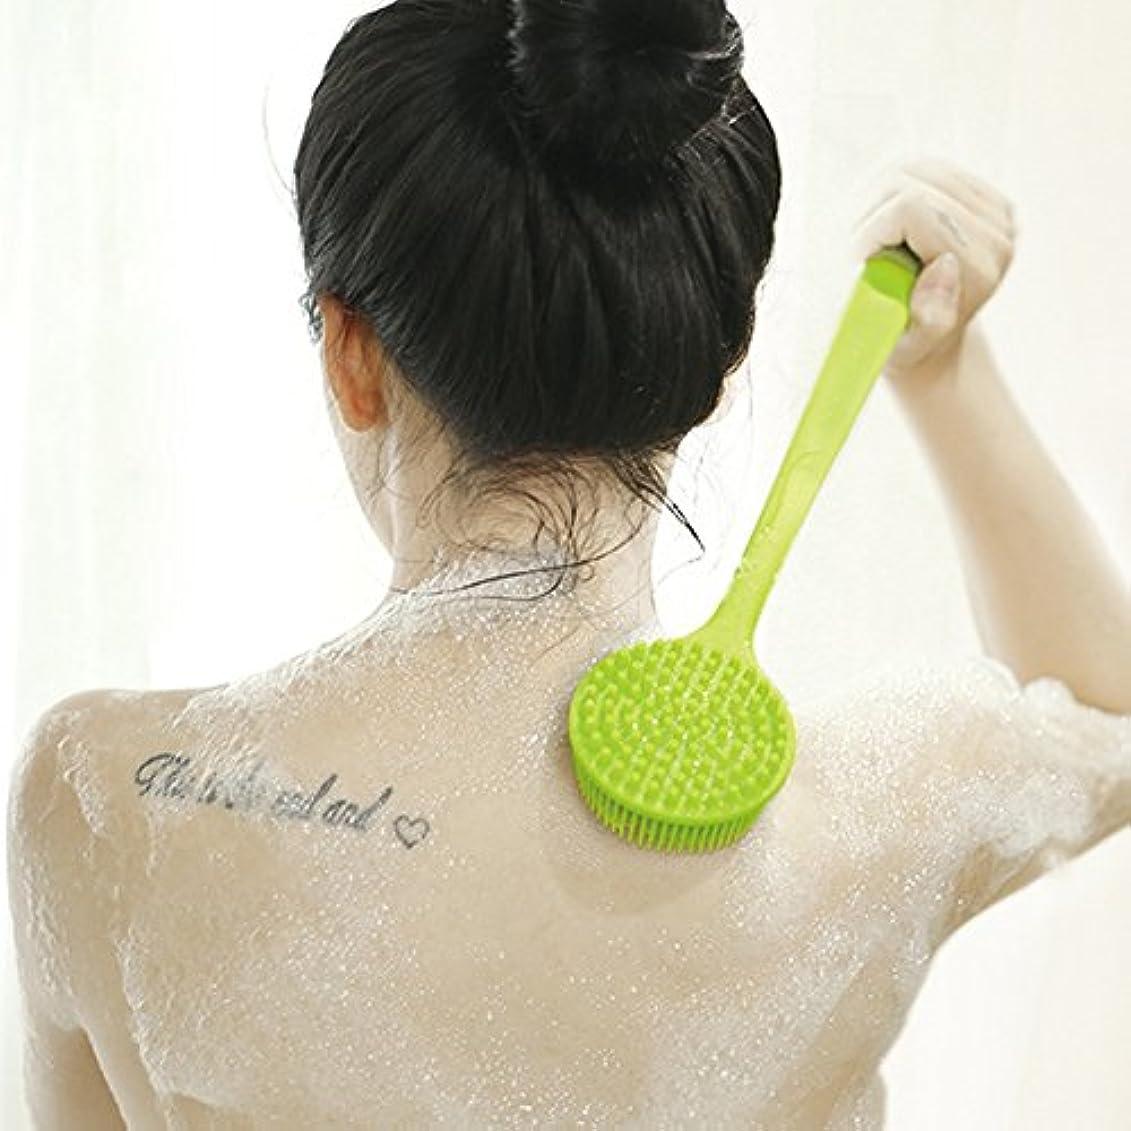 嫌な保守可能共同選択ボディブラシ シャワーブラシ お風呂用 シリコン製 体洗い マッサージブラシ 毛穴洗浄 角質除去 多機能 柔らかい